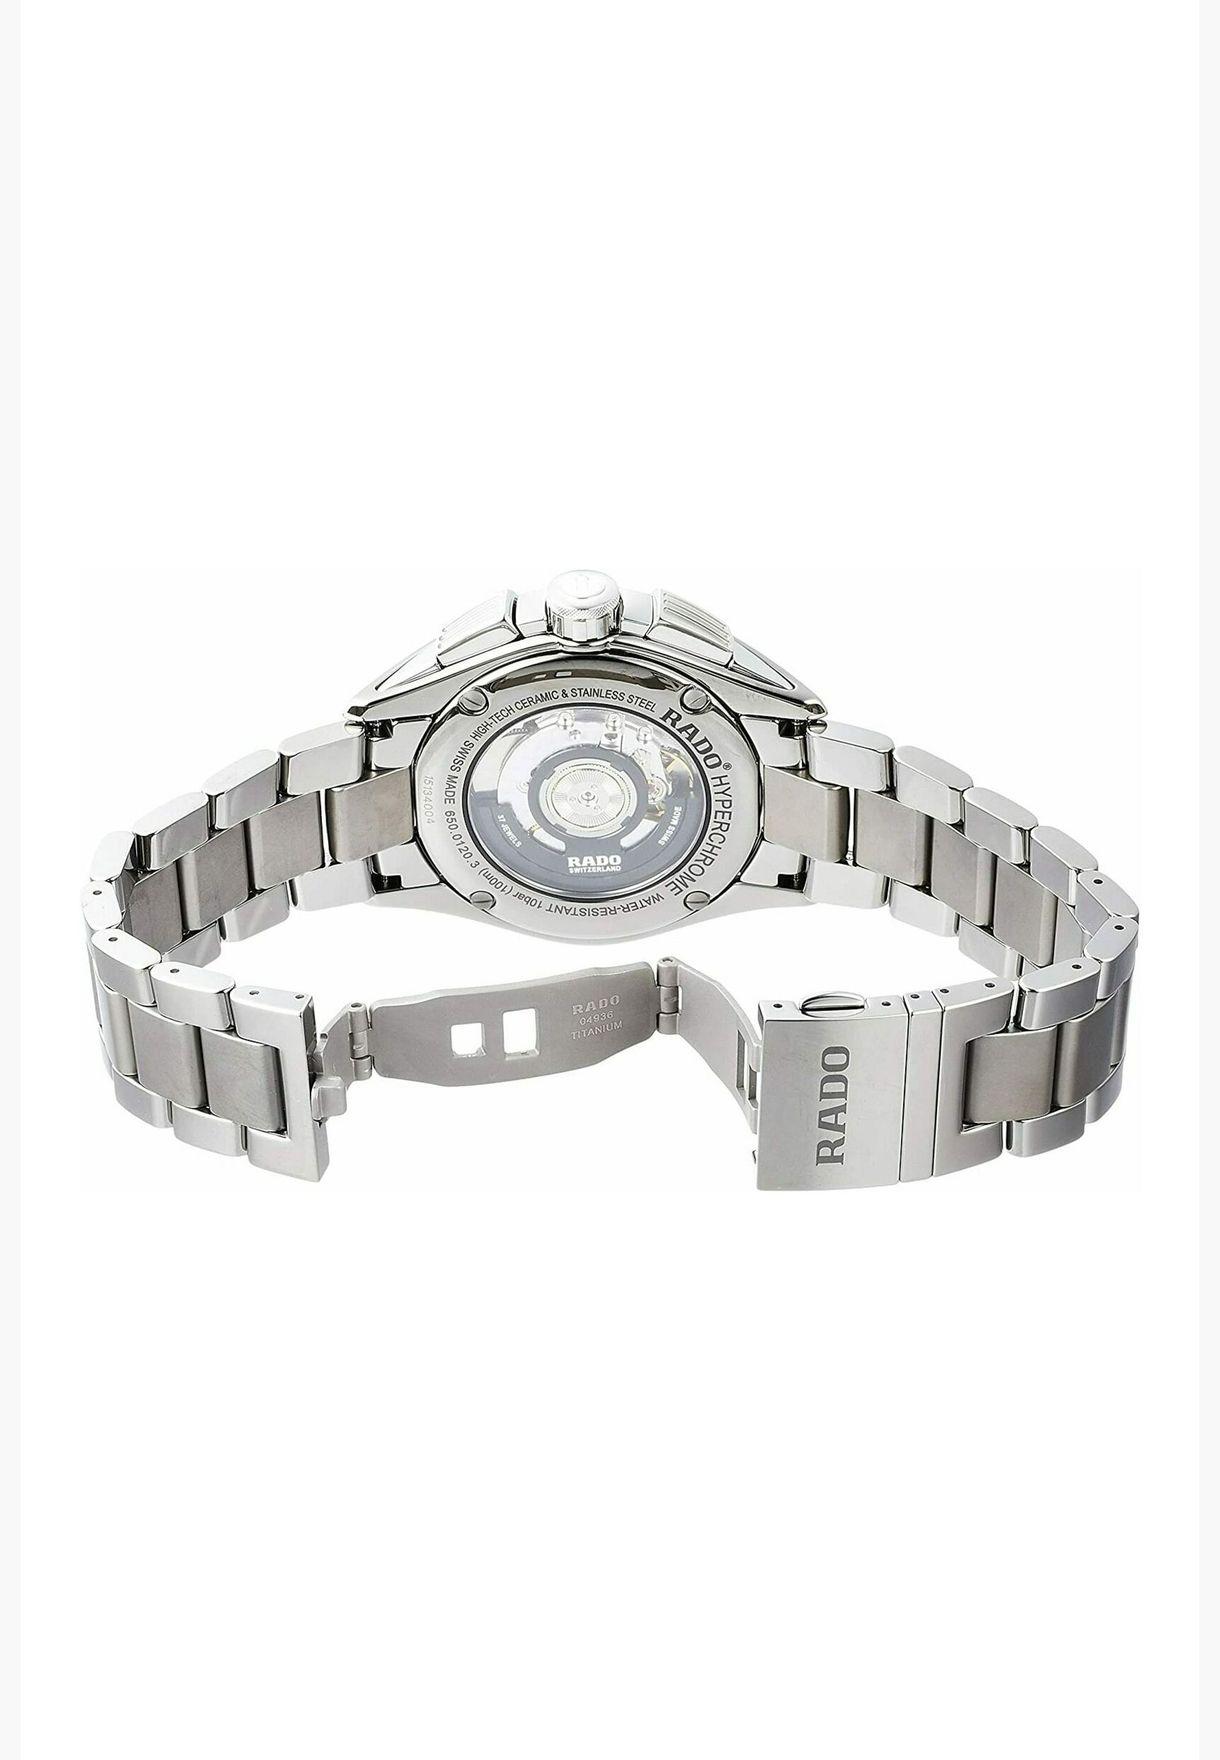 ساعة رادو دي ستار للرجال - R15198102